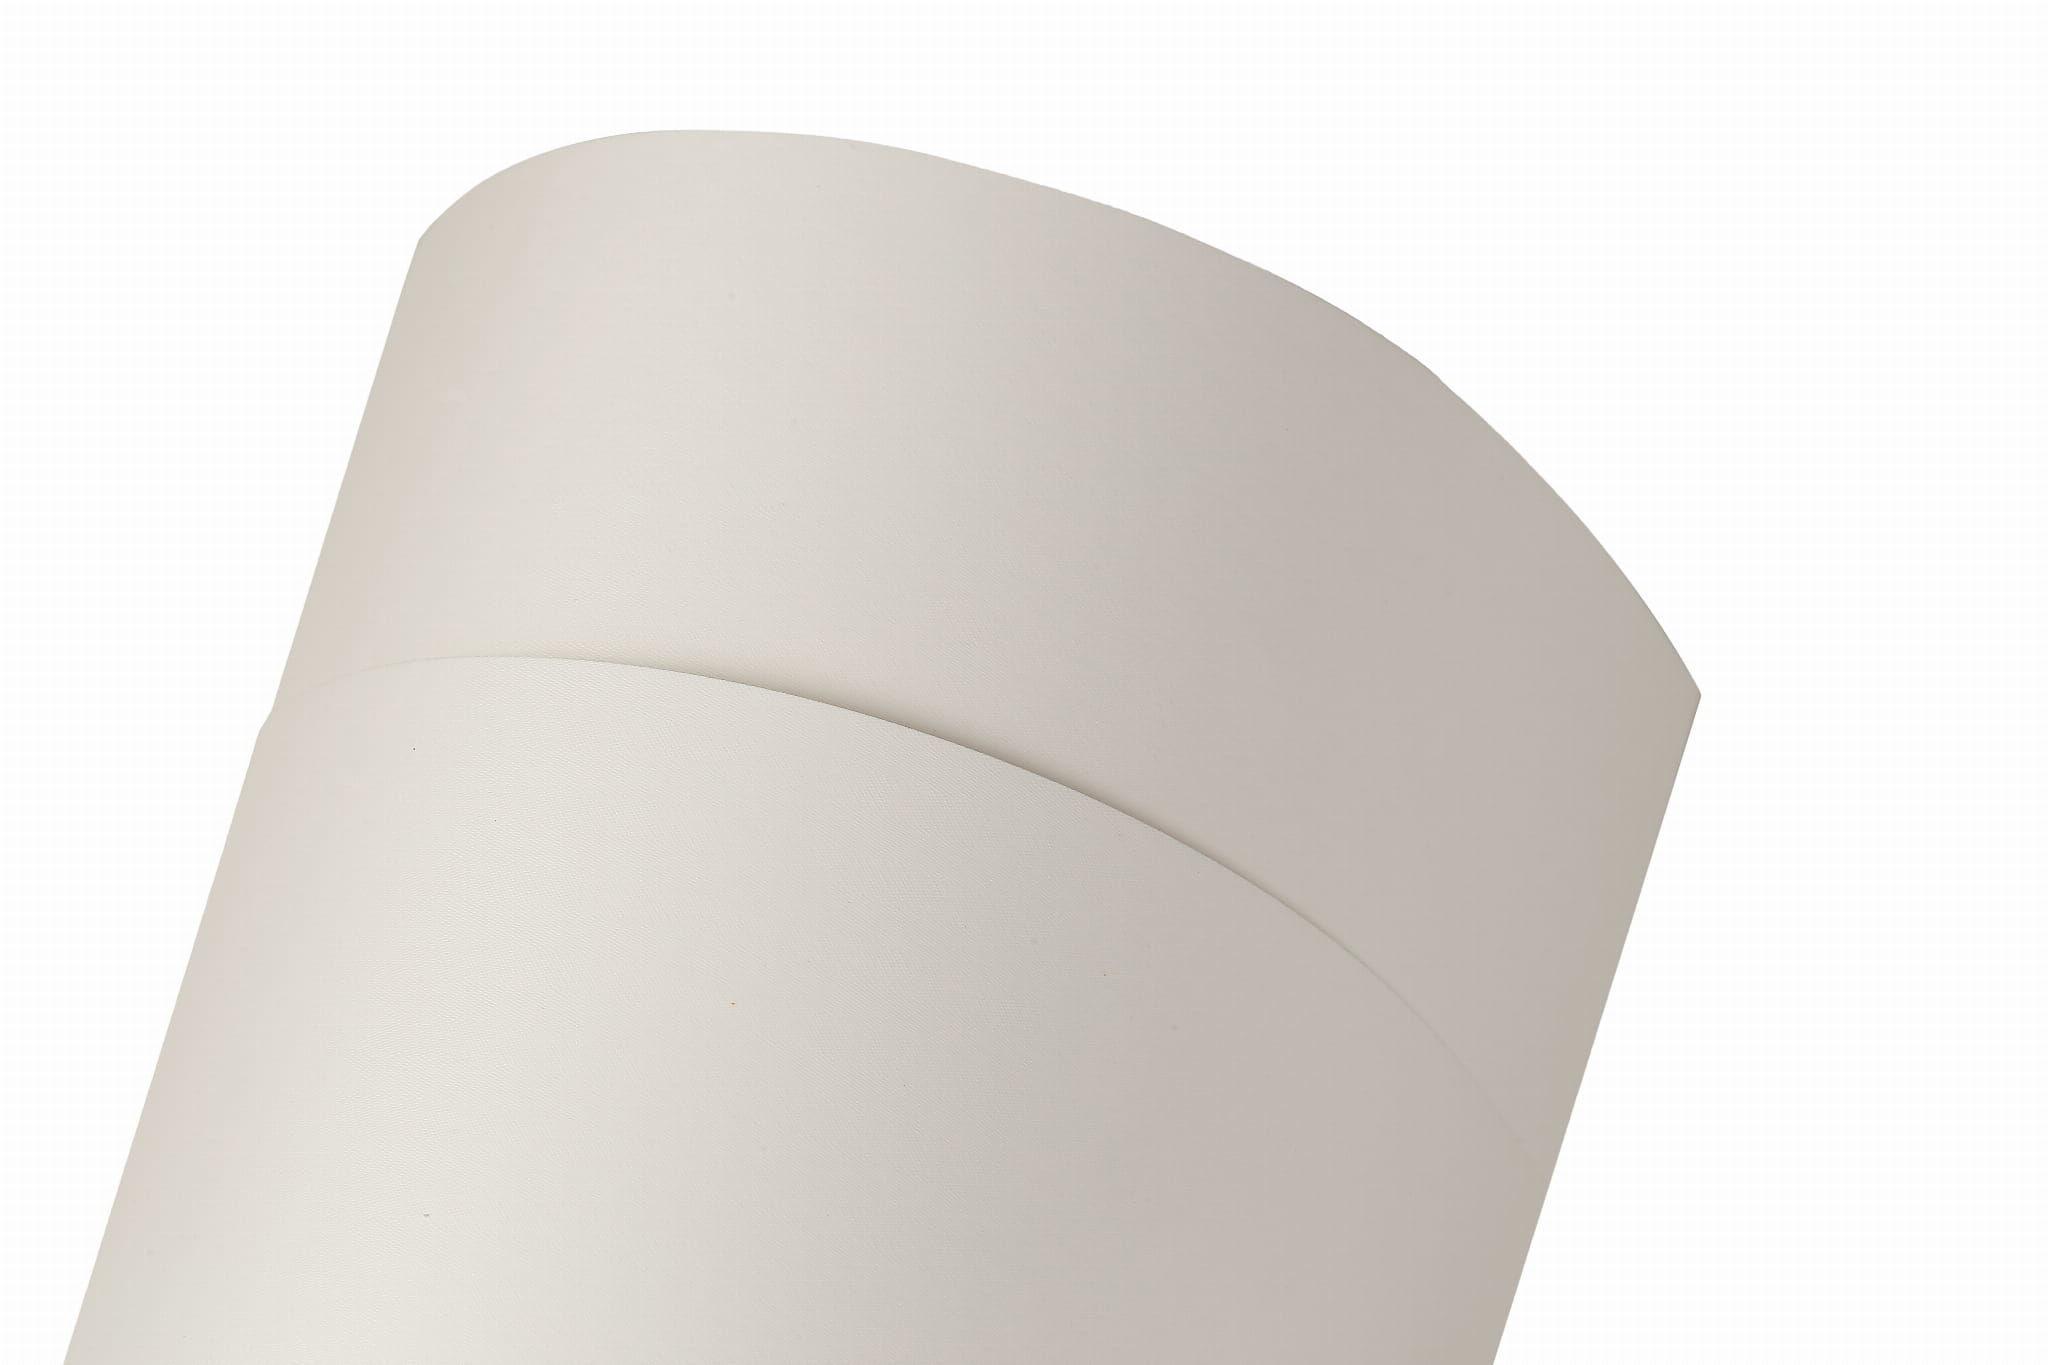 Papier samoprzylepny ozdobny Savile Row 90 White Tweed nienacinany 90g, format 50x70 cm, (kod ppp362)